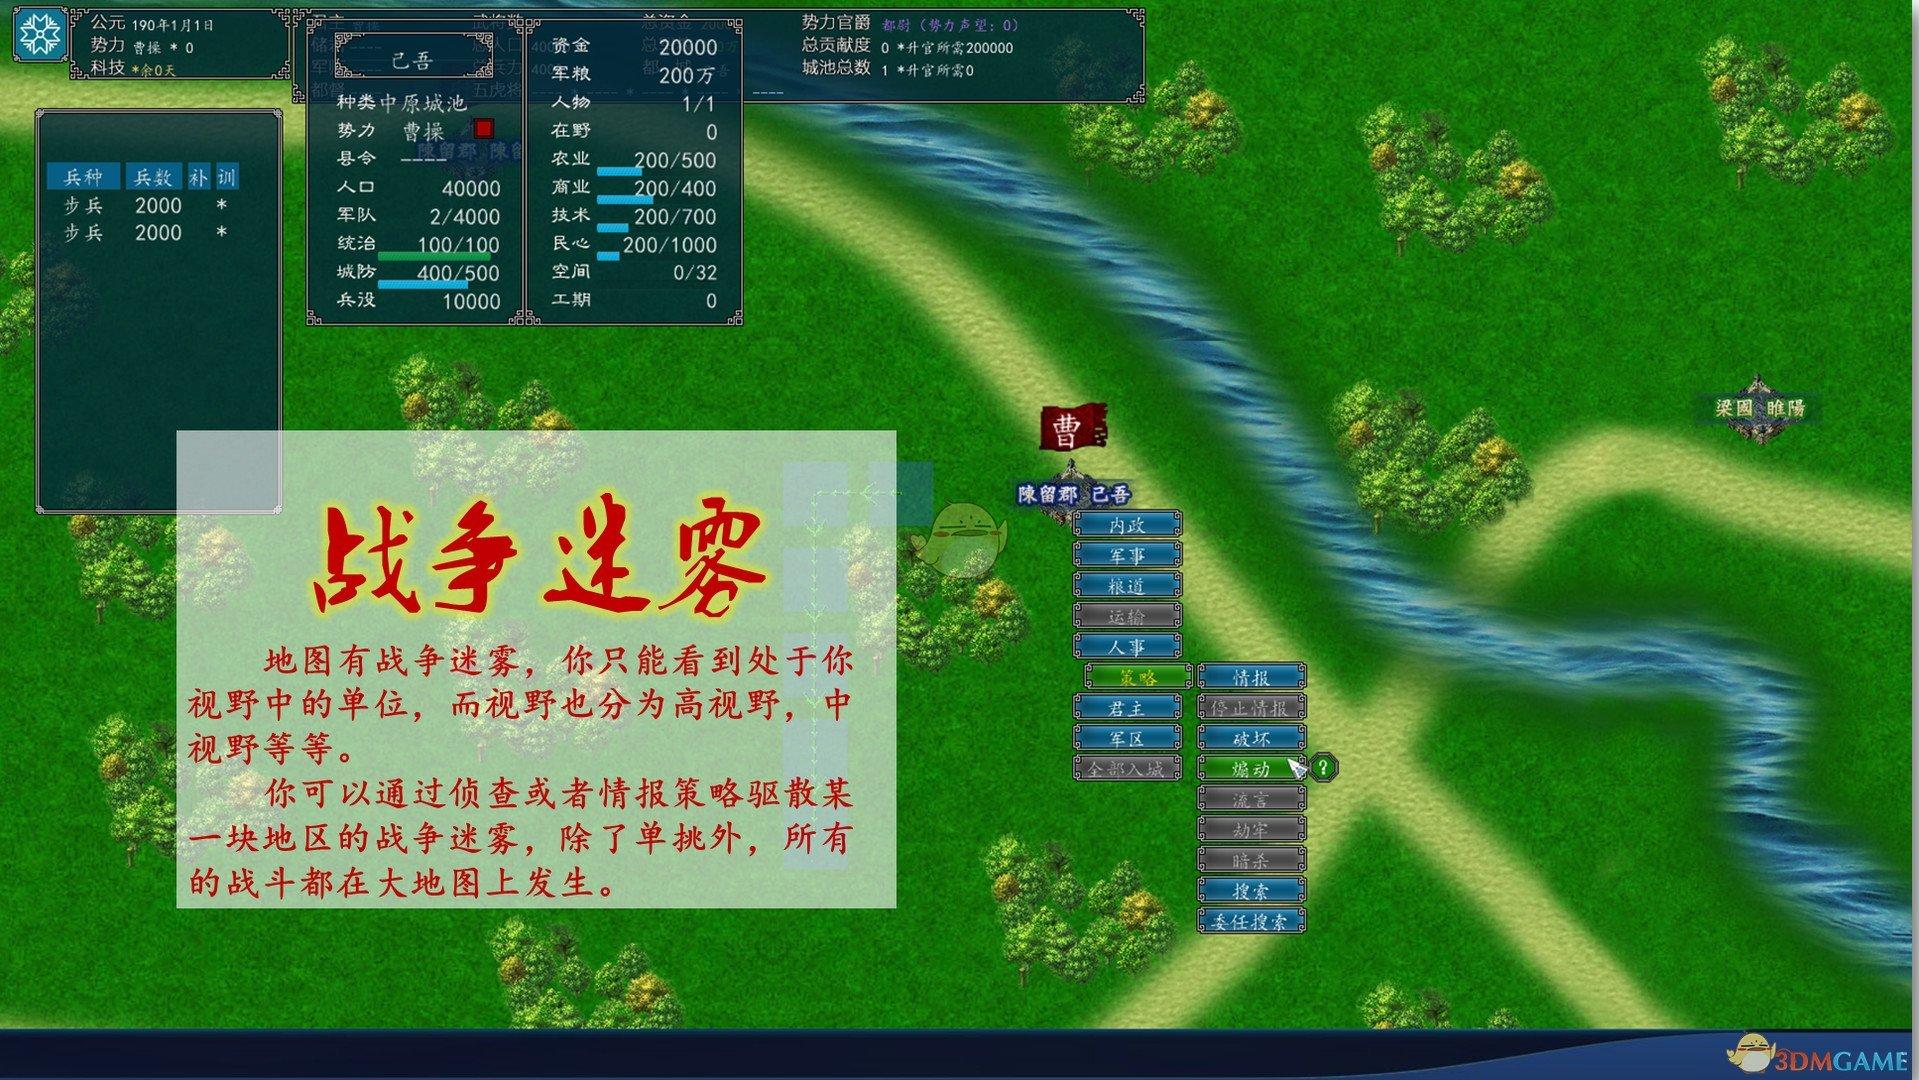 《中华三国志》单挑时武将出场规律介绍